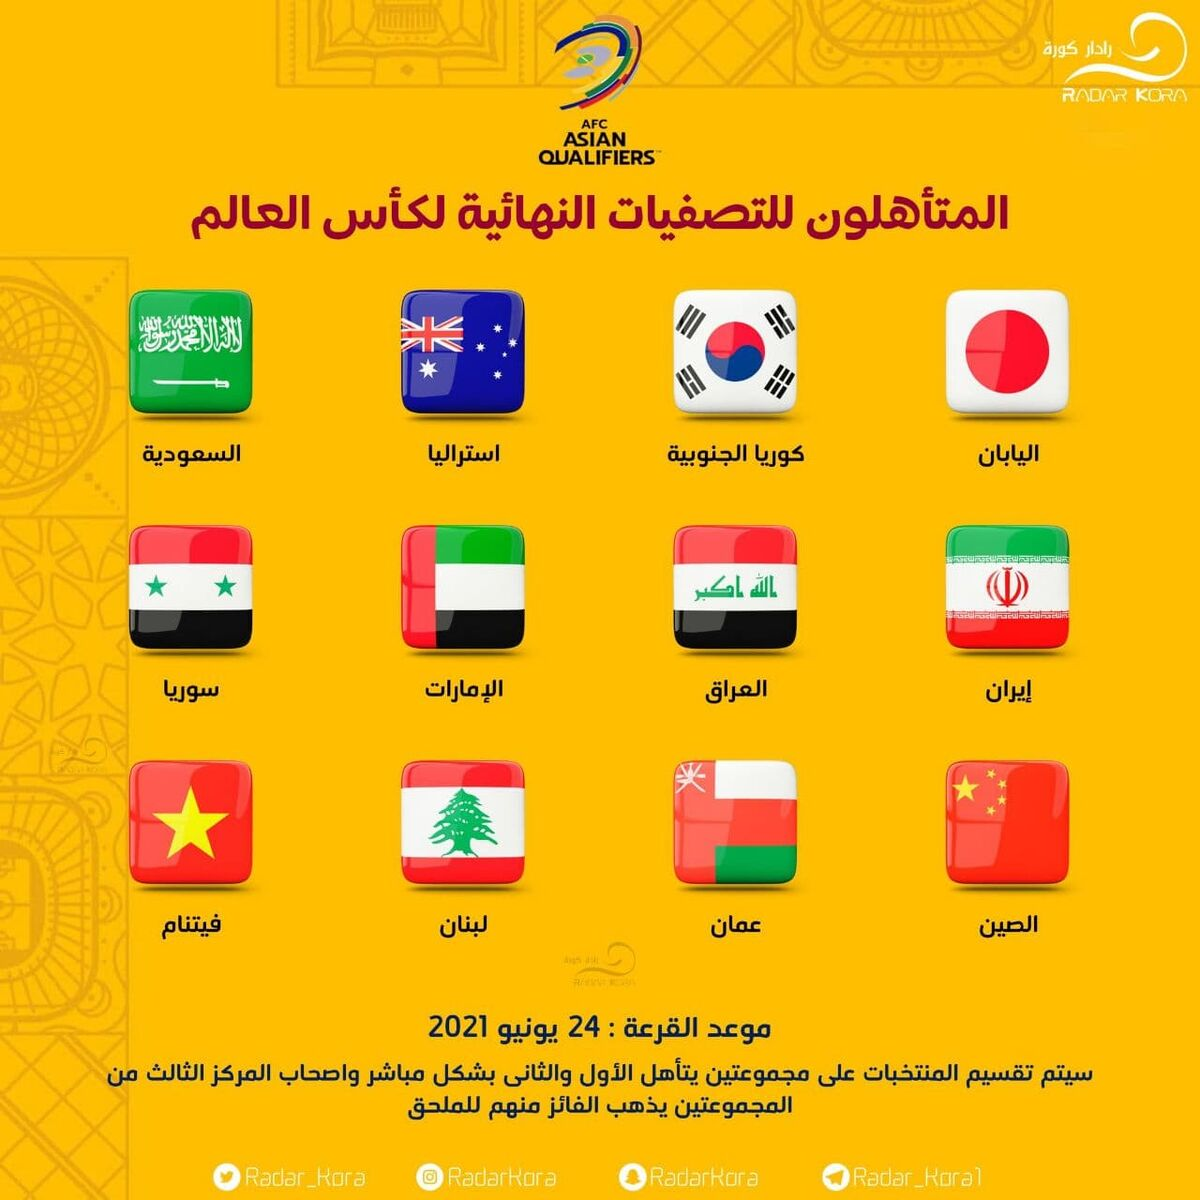 شناسایی ۵ حریف احتمالی ایران در راه جام جهانی/ سیدبندی نهایی آسیا مشخص شد